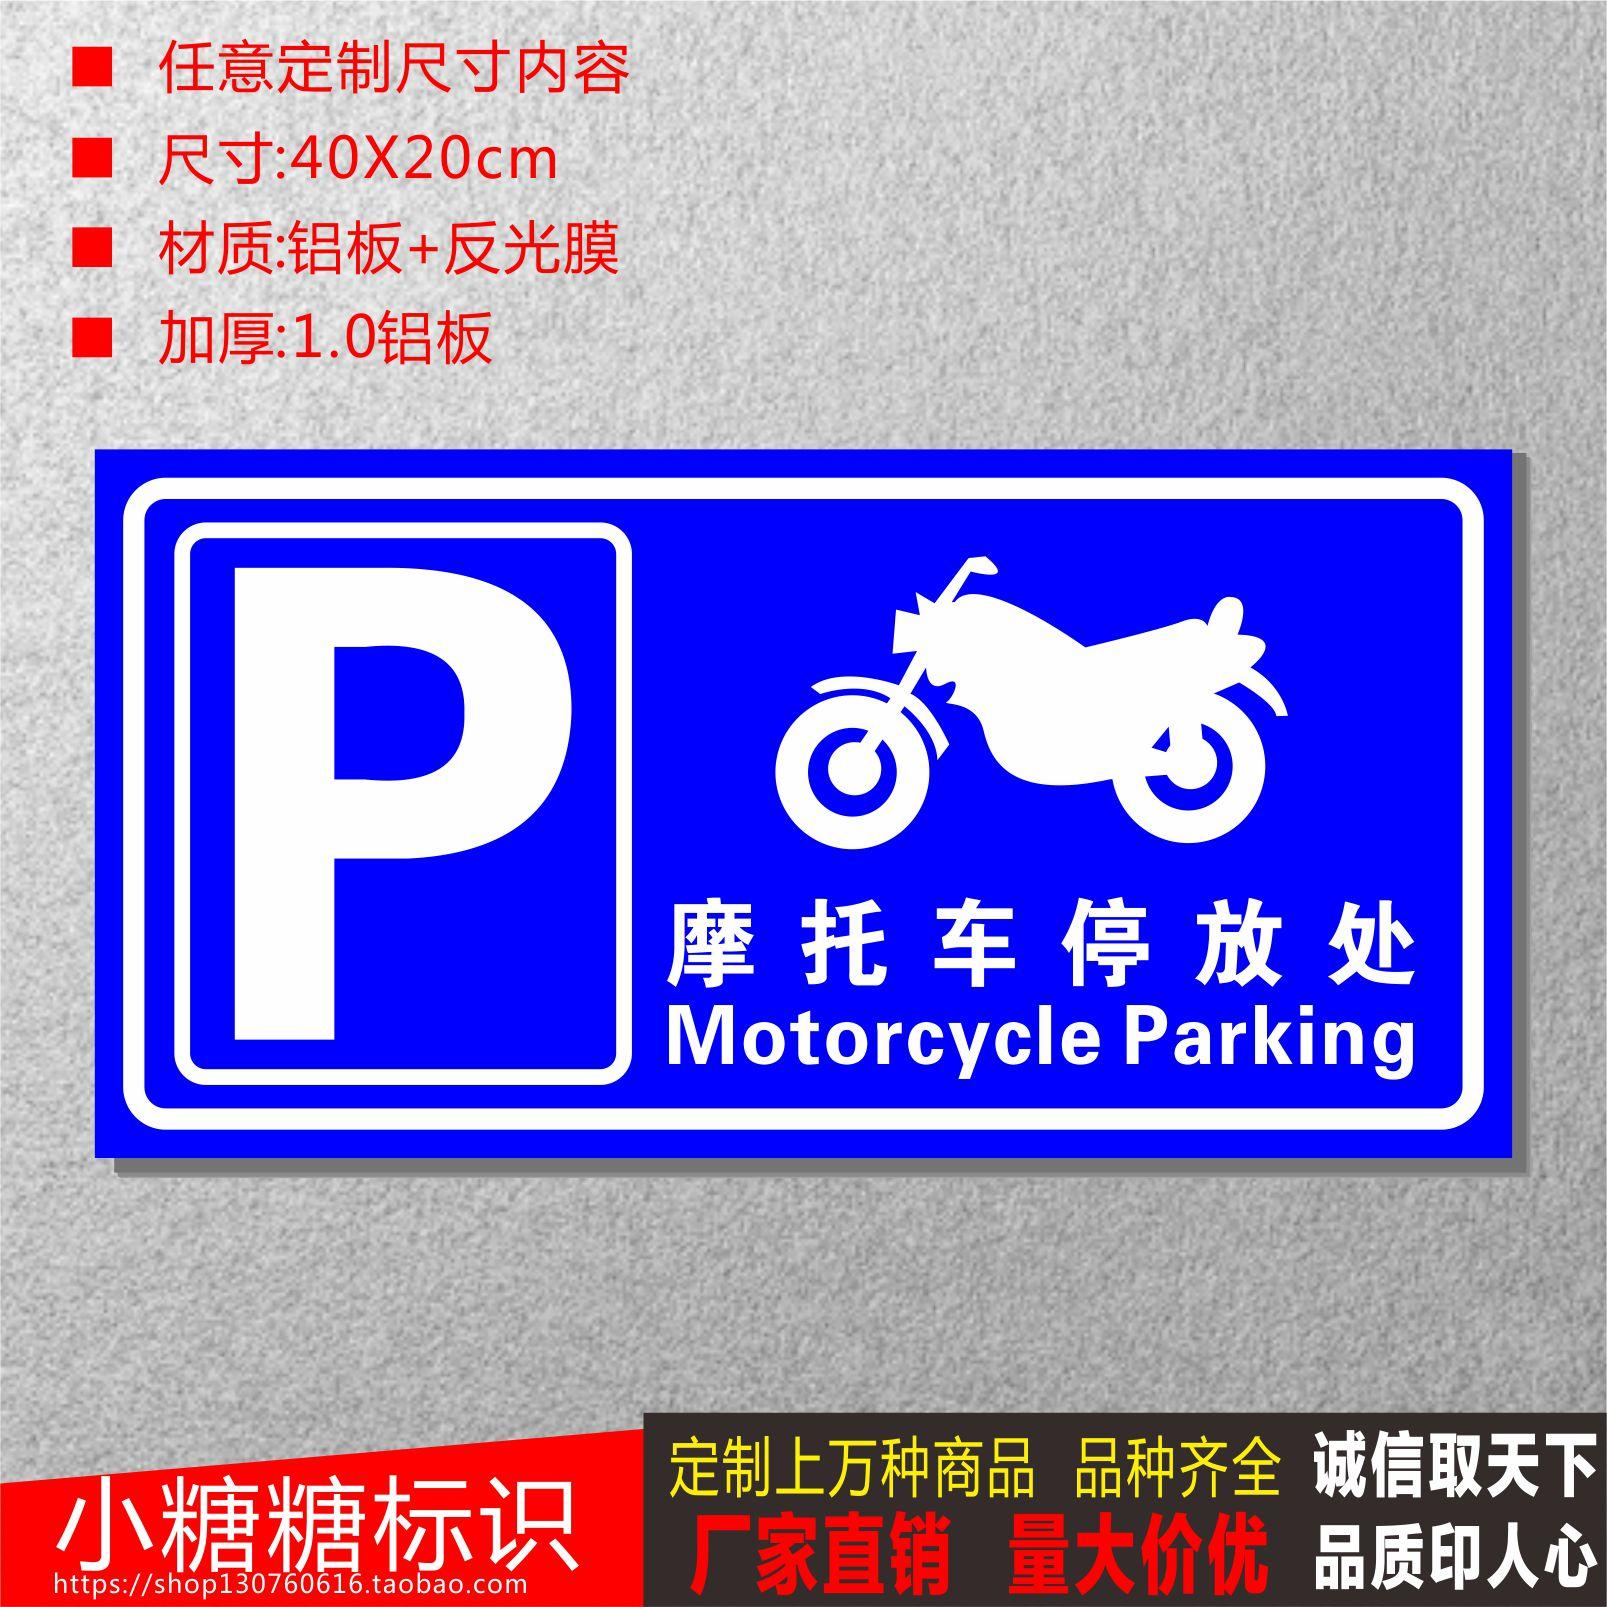 摩托车停车处标识牌自行车电动车停放处标志牌停车场指示警示牌